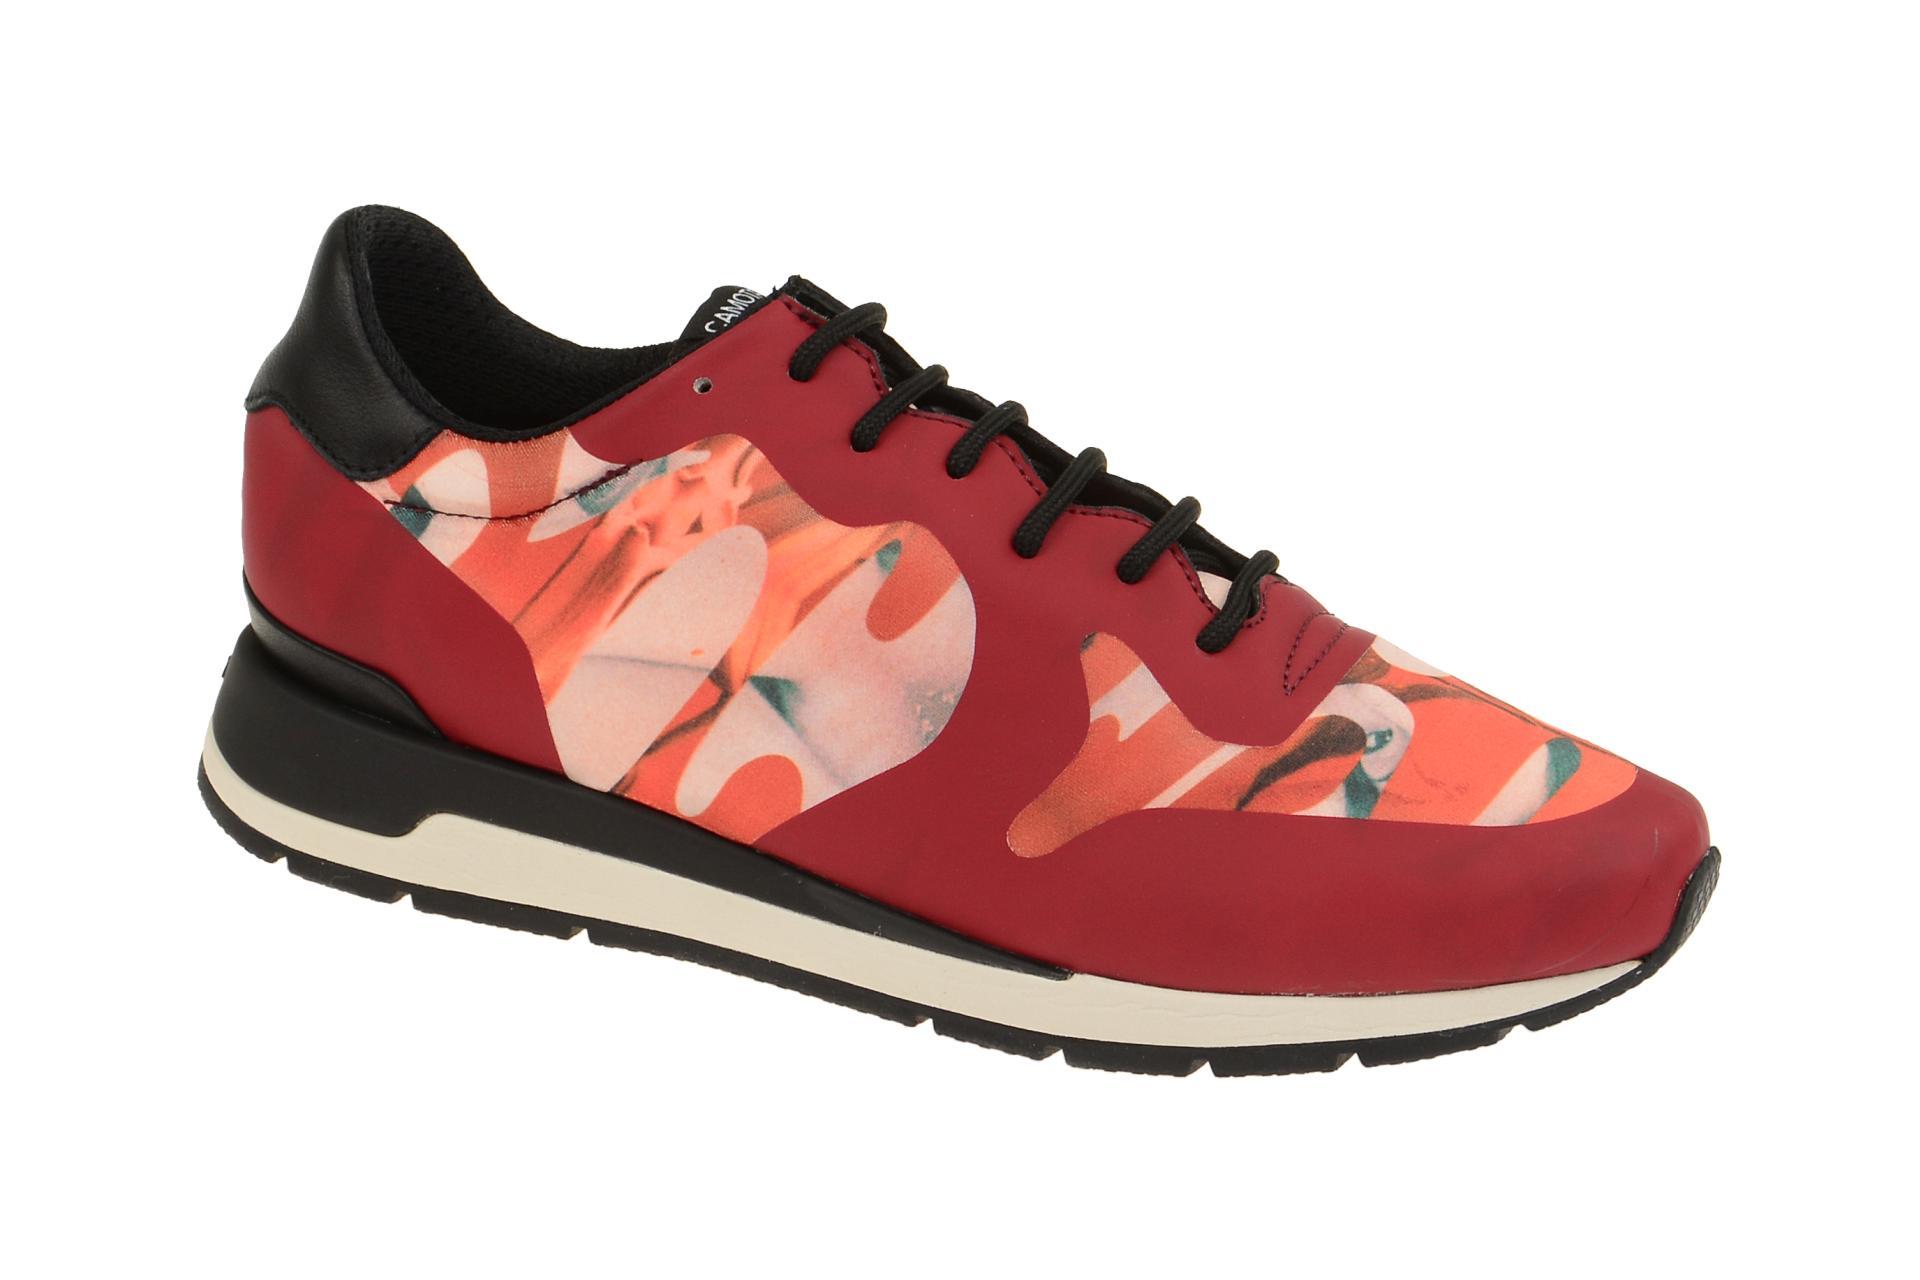 Geox Schuhe => Designer Schuhe und Stiefel Online Kaufen**